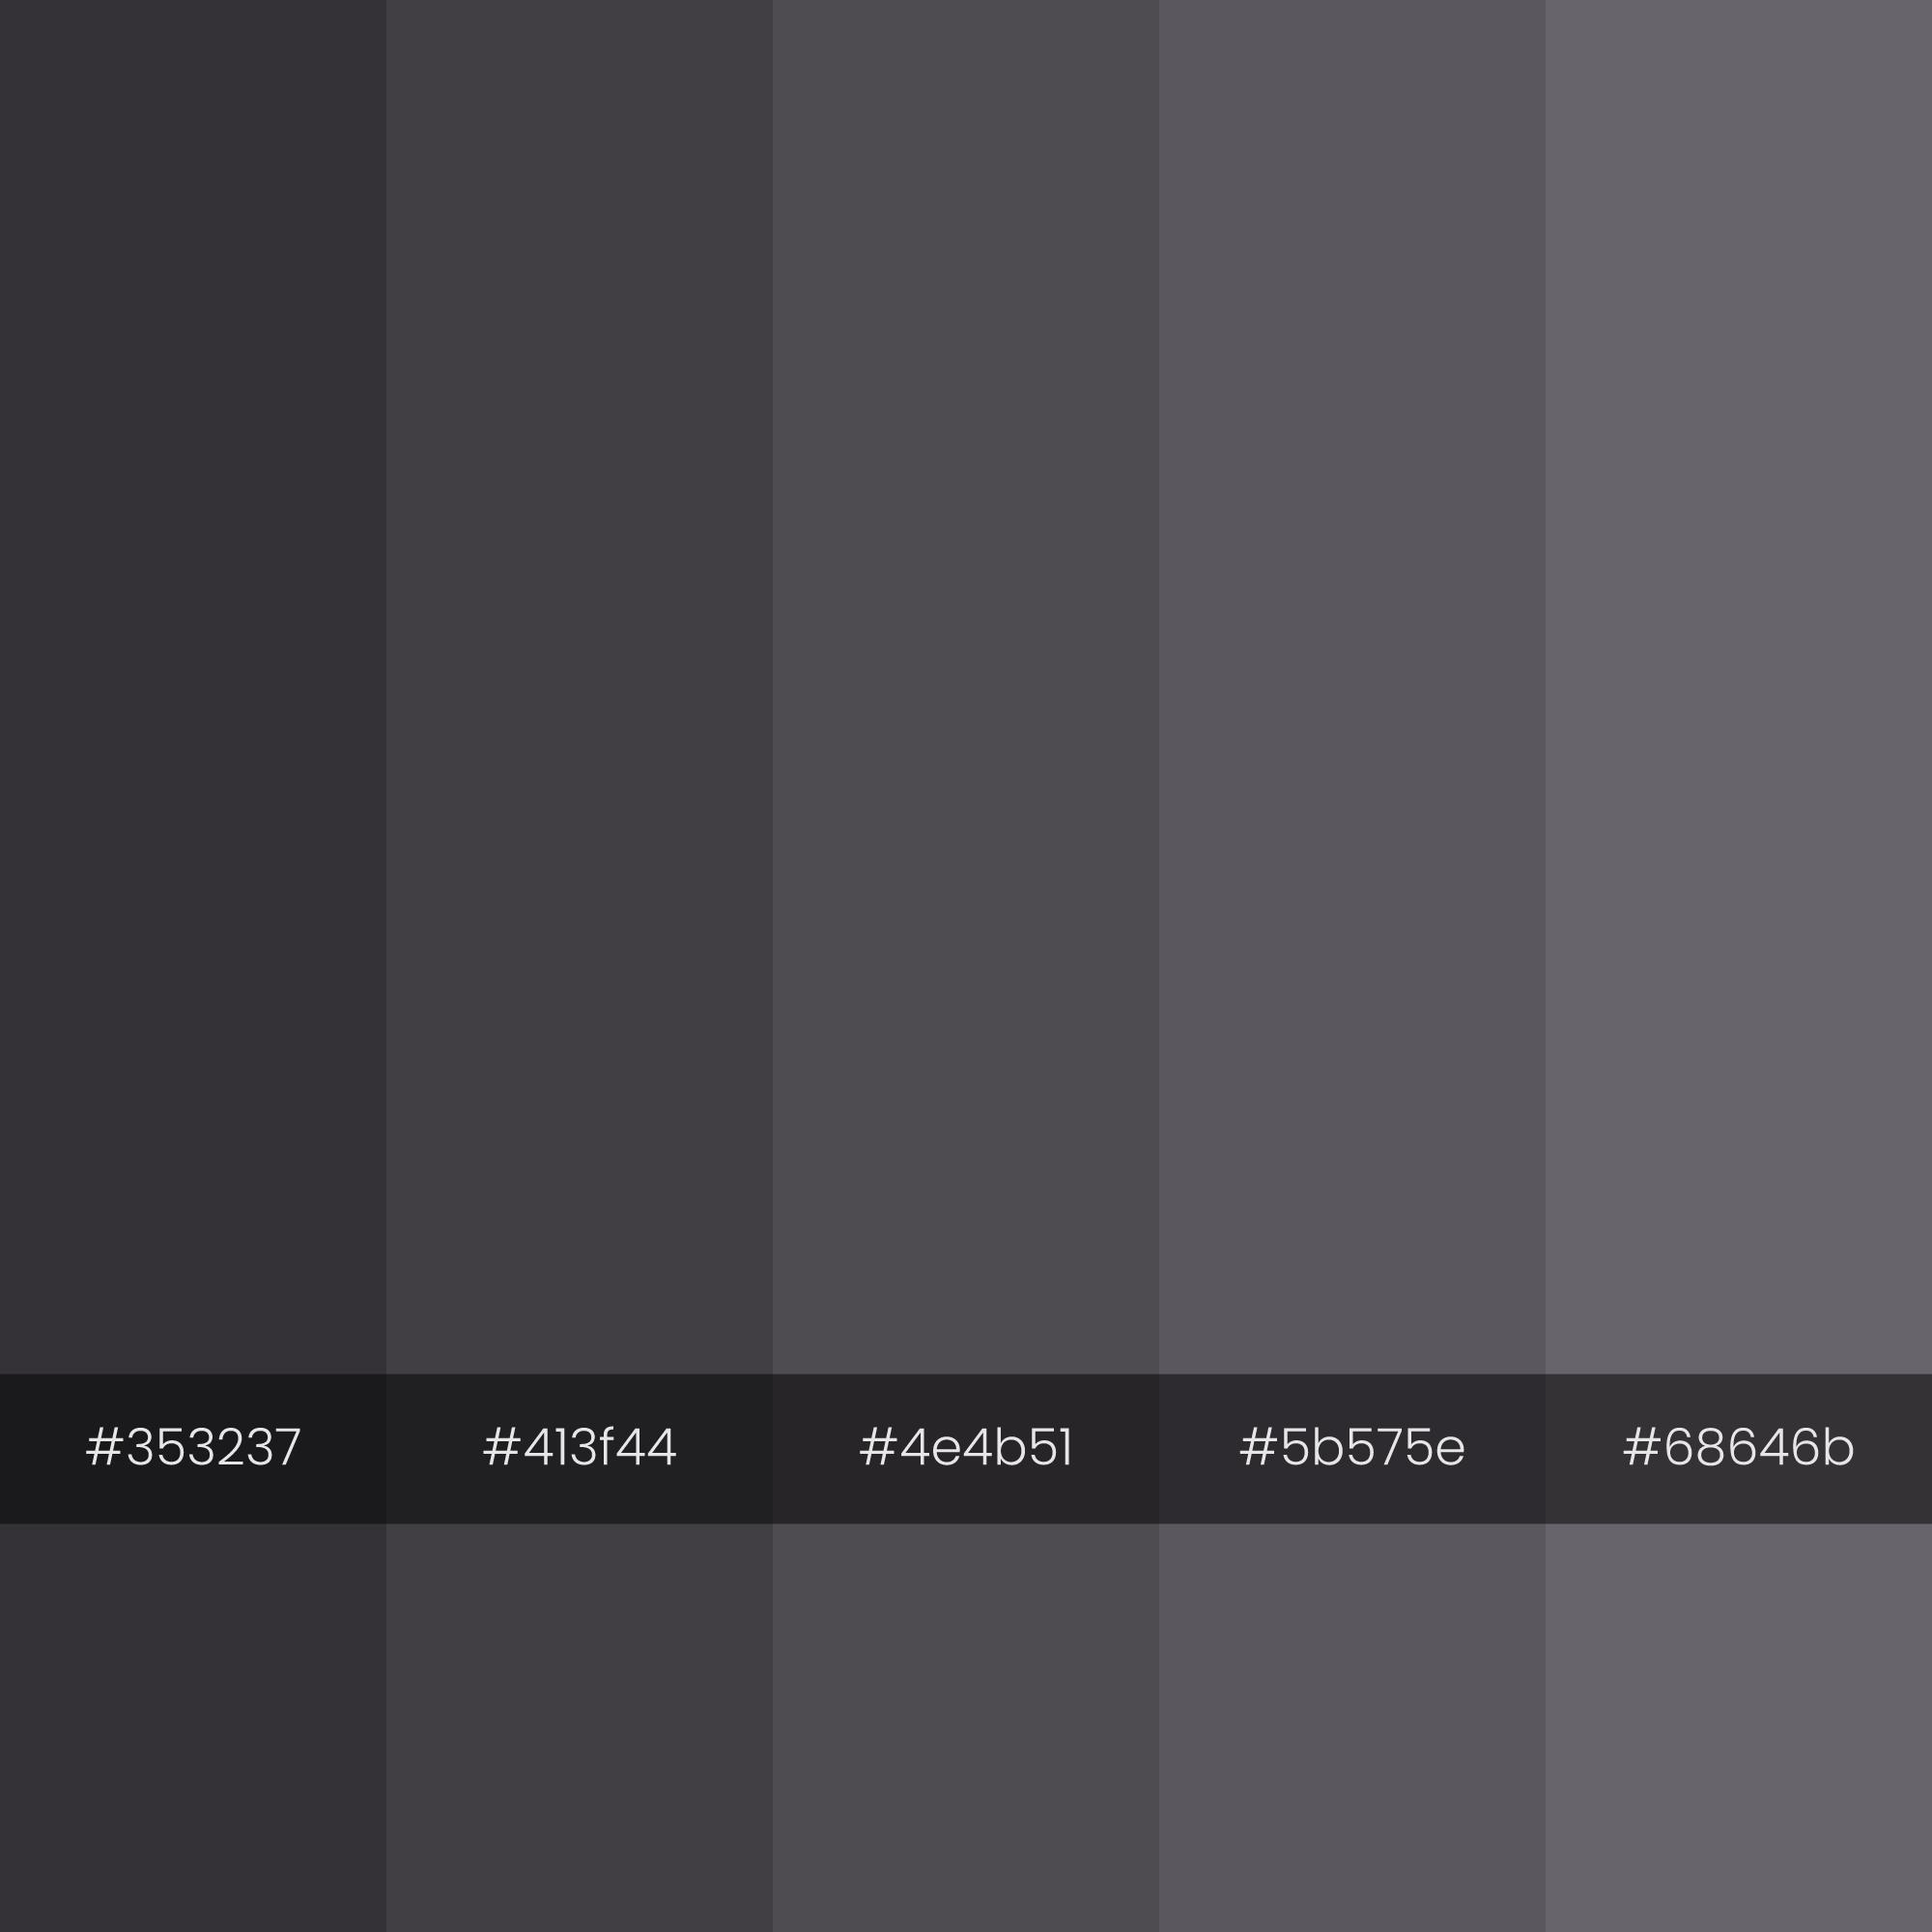 color-palette-2000-2000-aya-kapadokya-monochrome